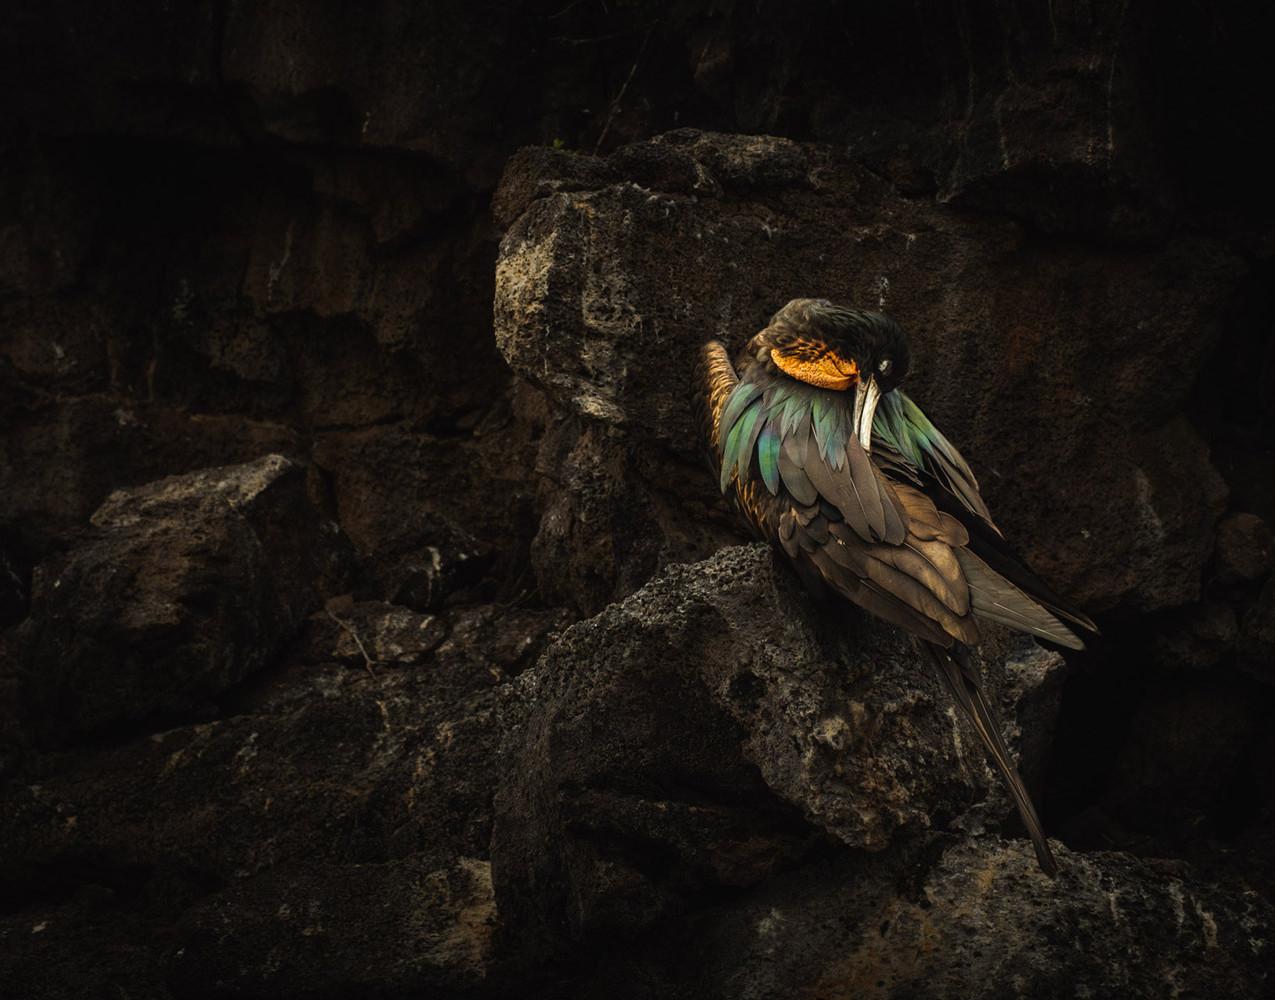 frigate-bird-galapagos-islands